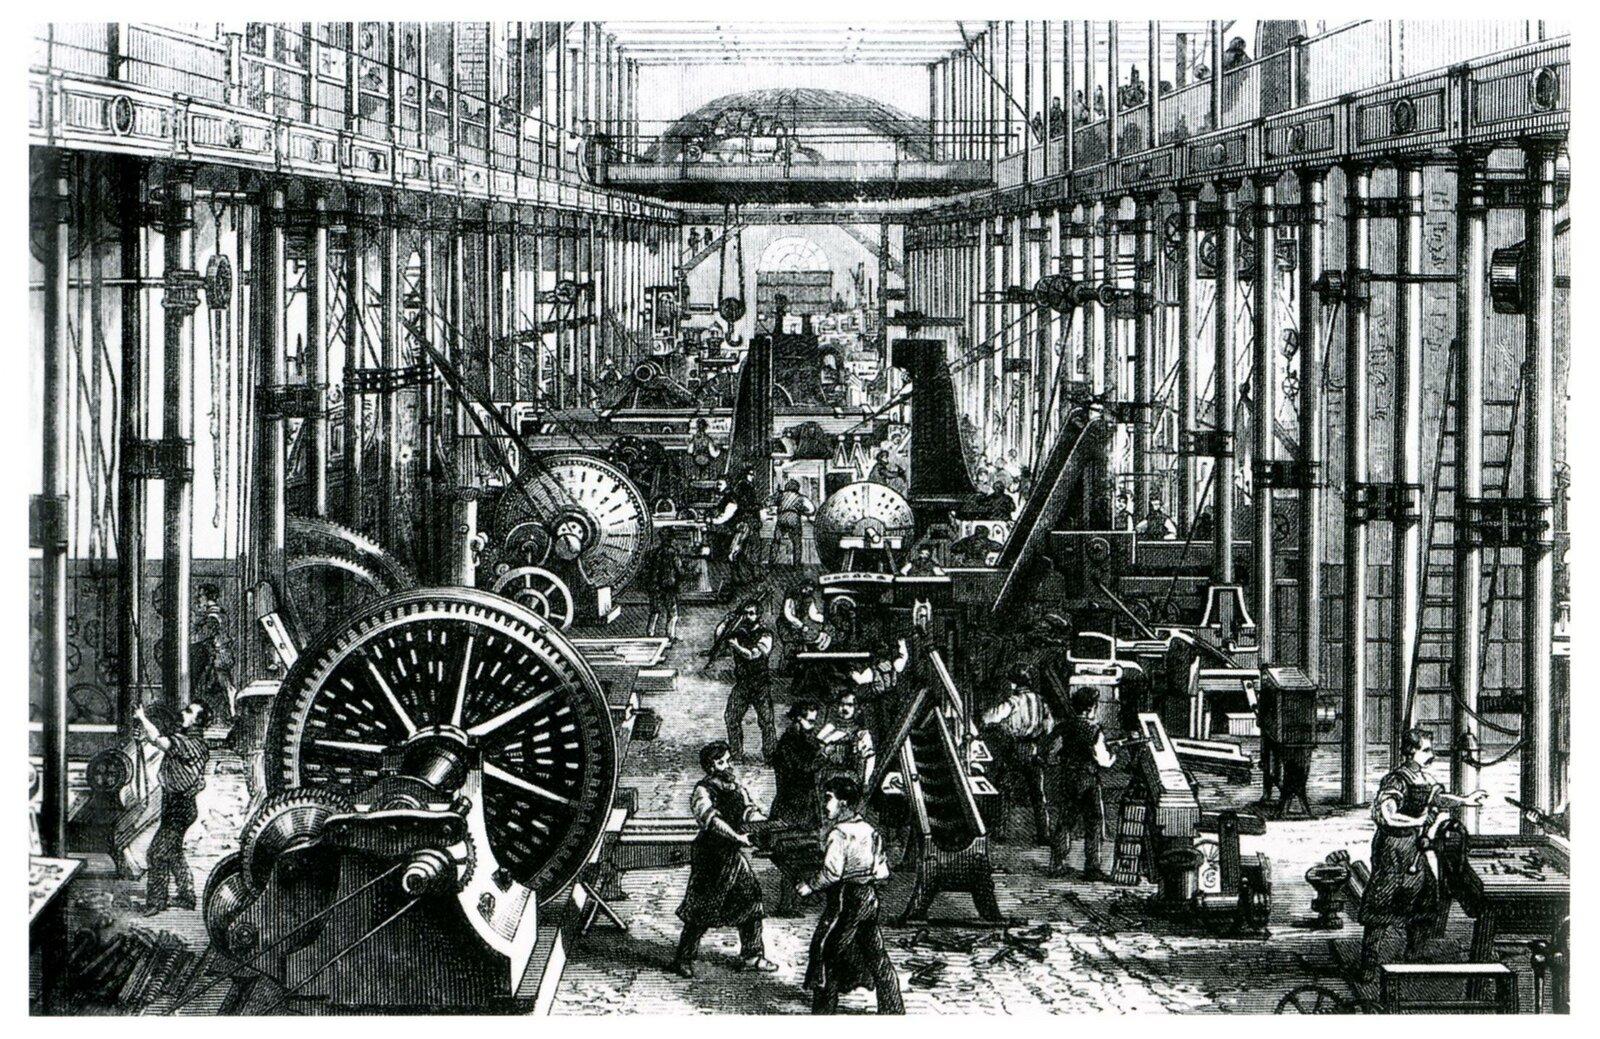 Hala fabryczna wypełniona różnymi maszynami, pomiędzy nimi widać pracujących robotników.